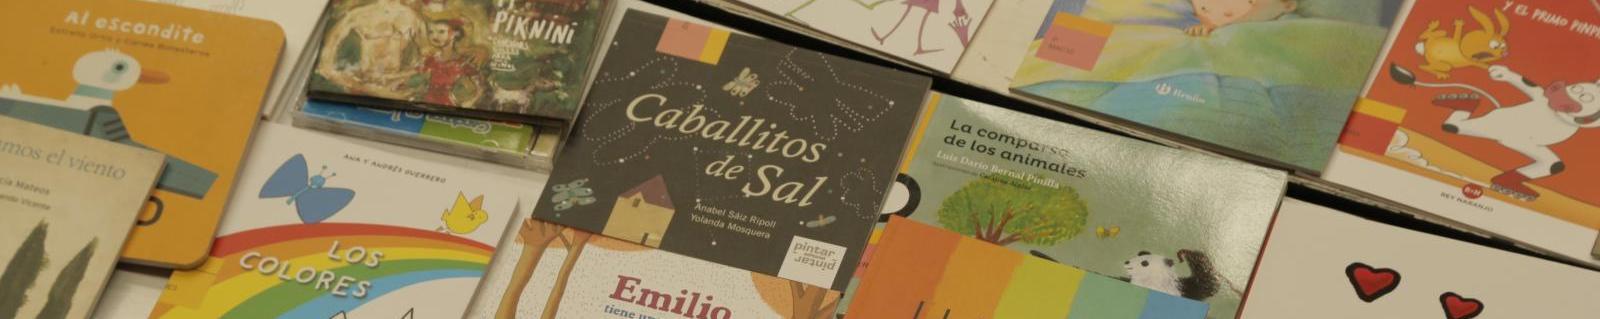 """""""Caballitos de sal"""" podrá ser leído y disfrutado por los niños y niñas de Colombia"""